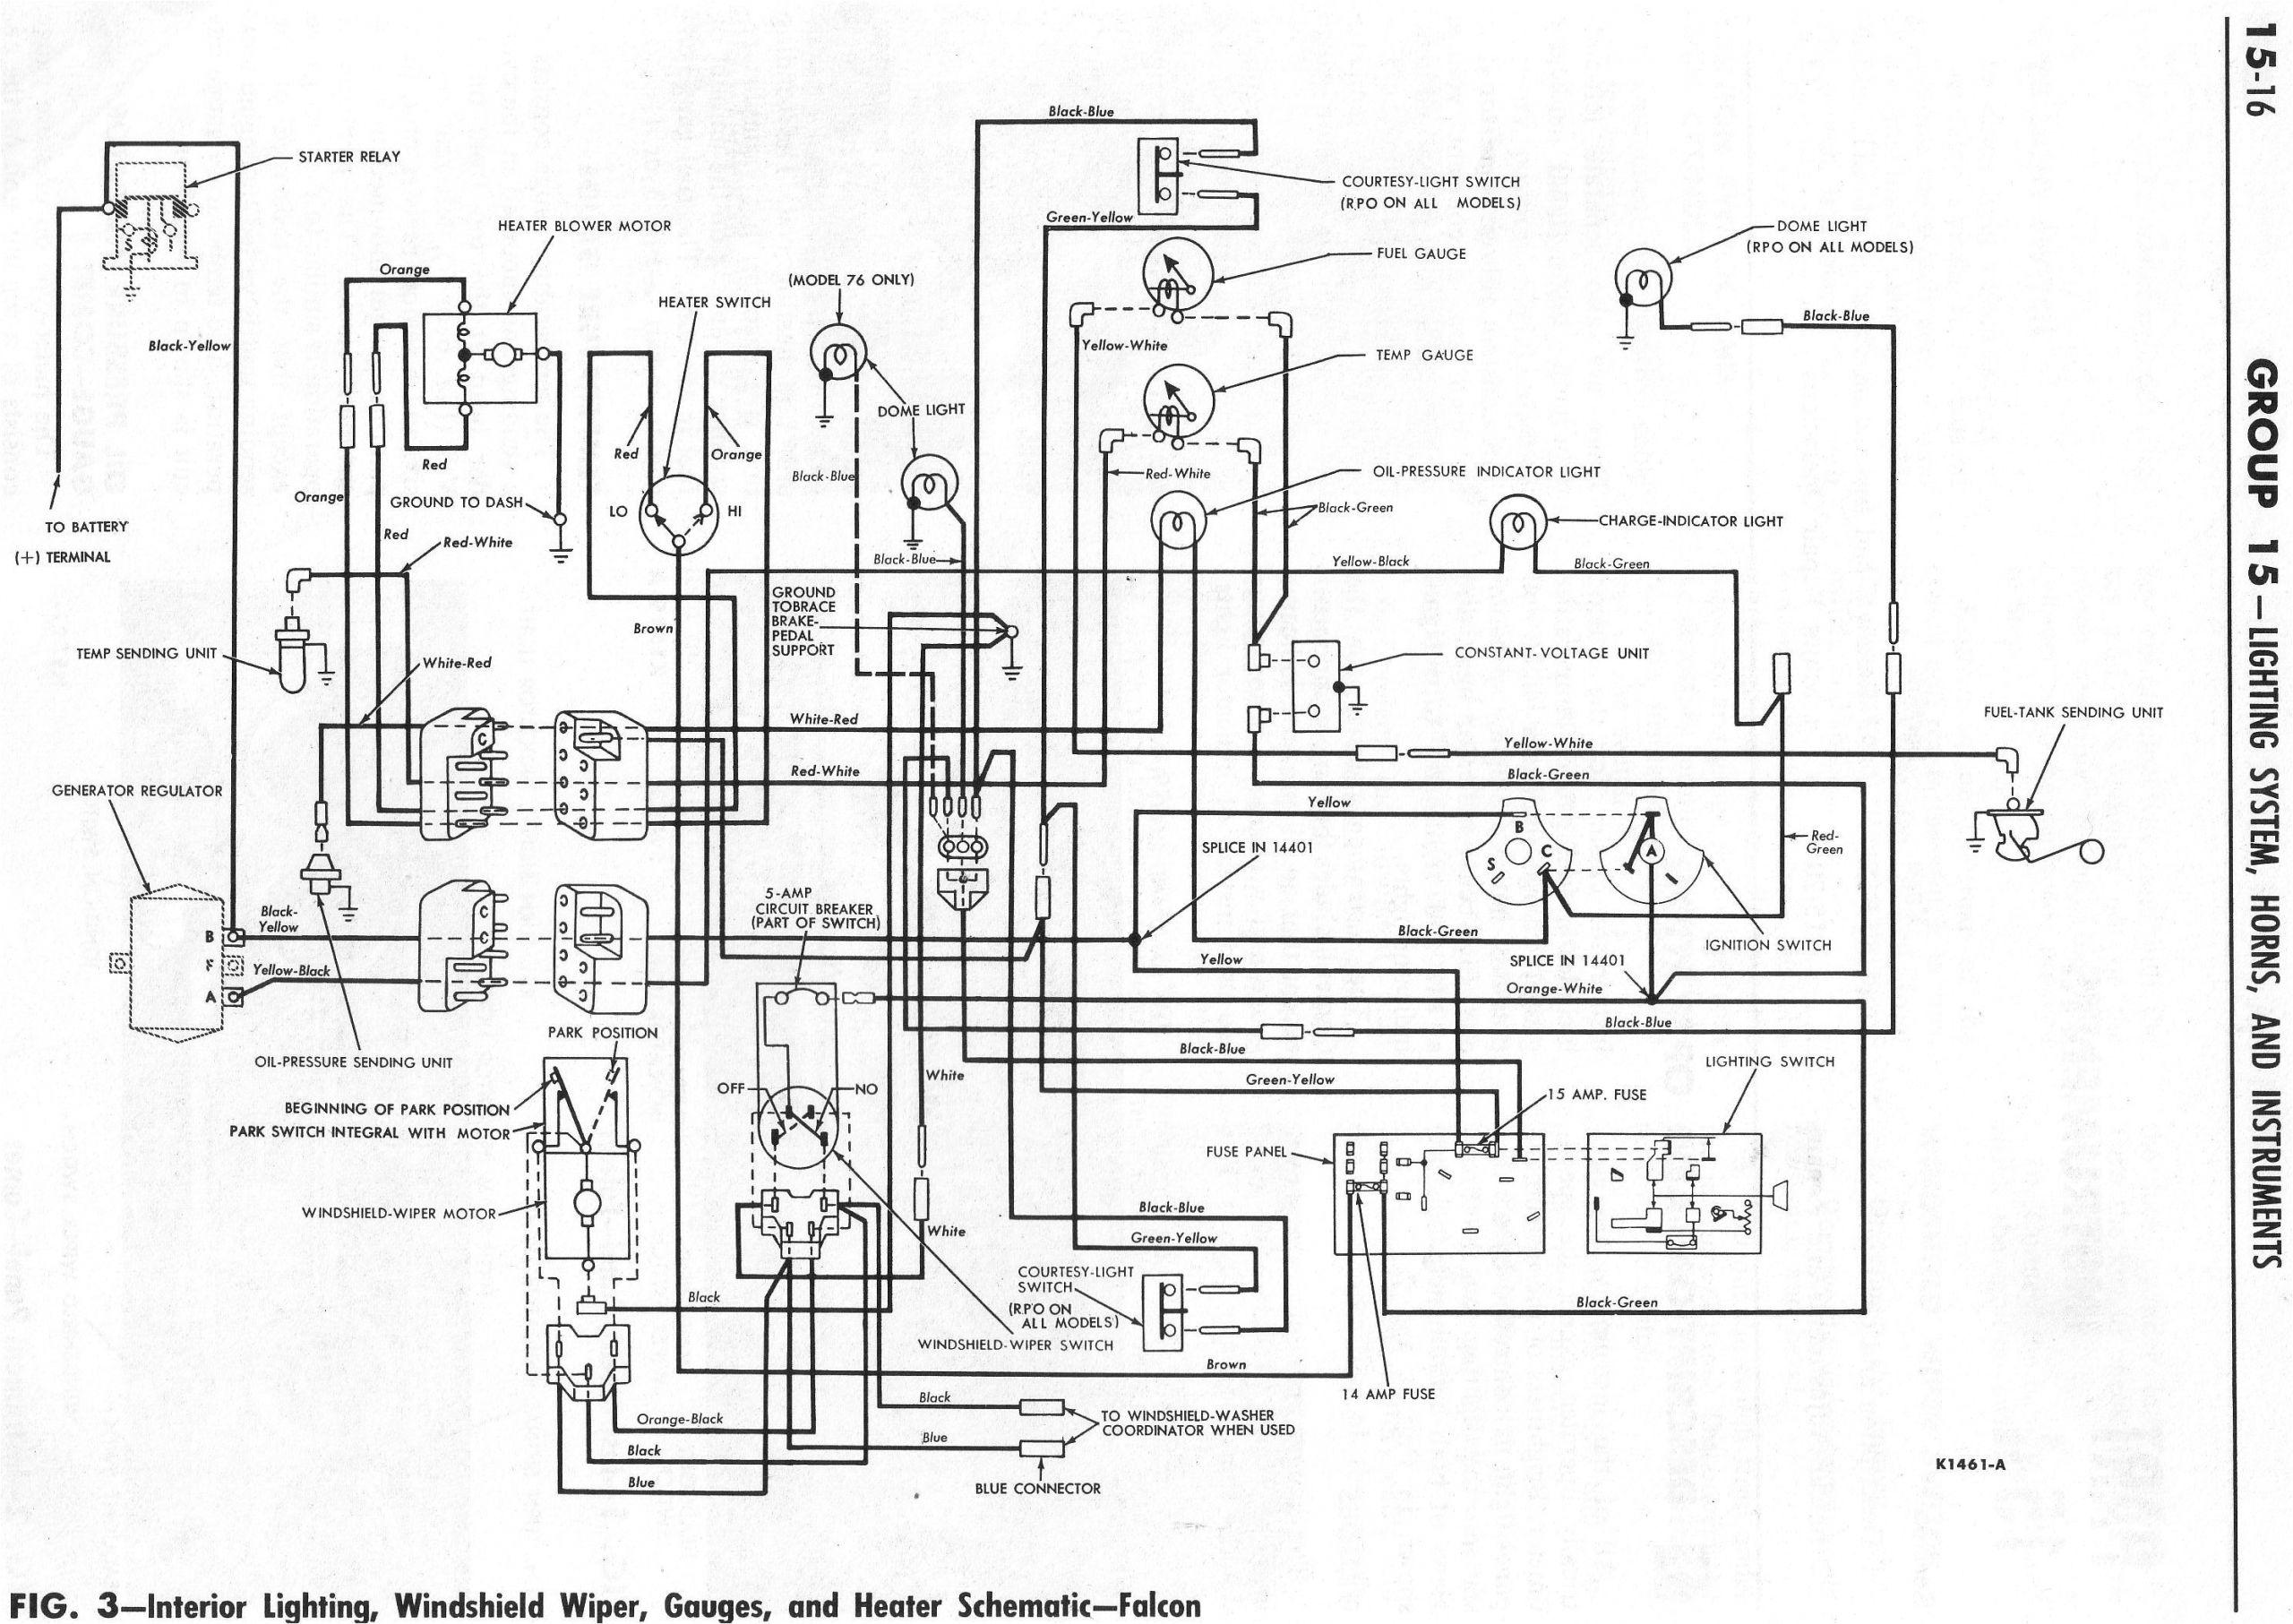 1964fordwiringdiagram falcon02 large jpg